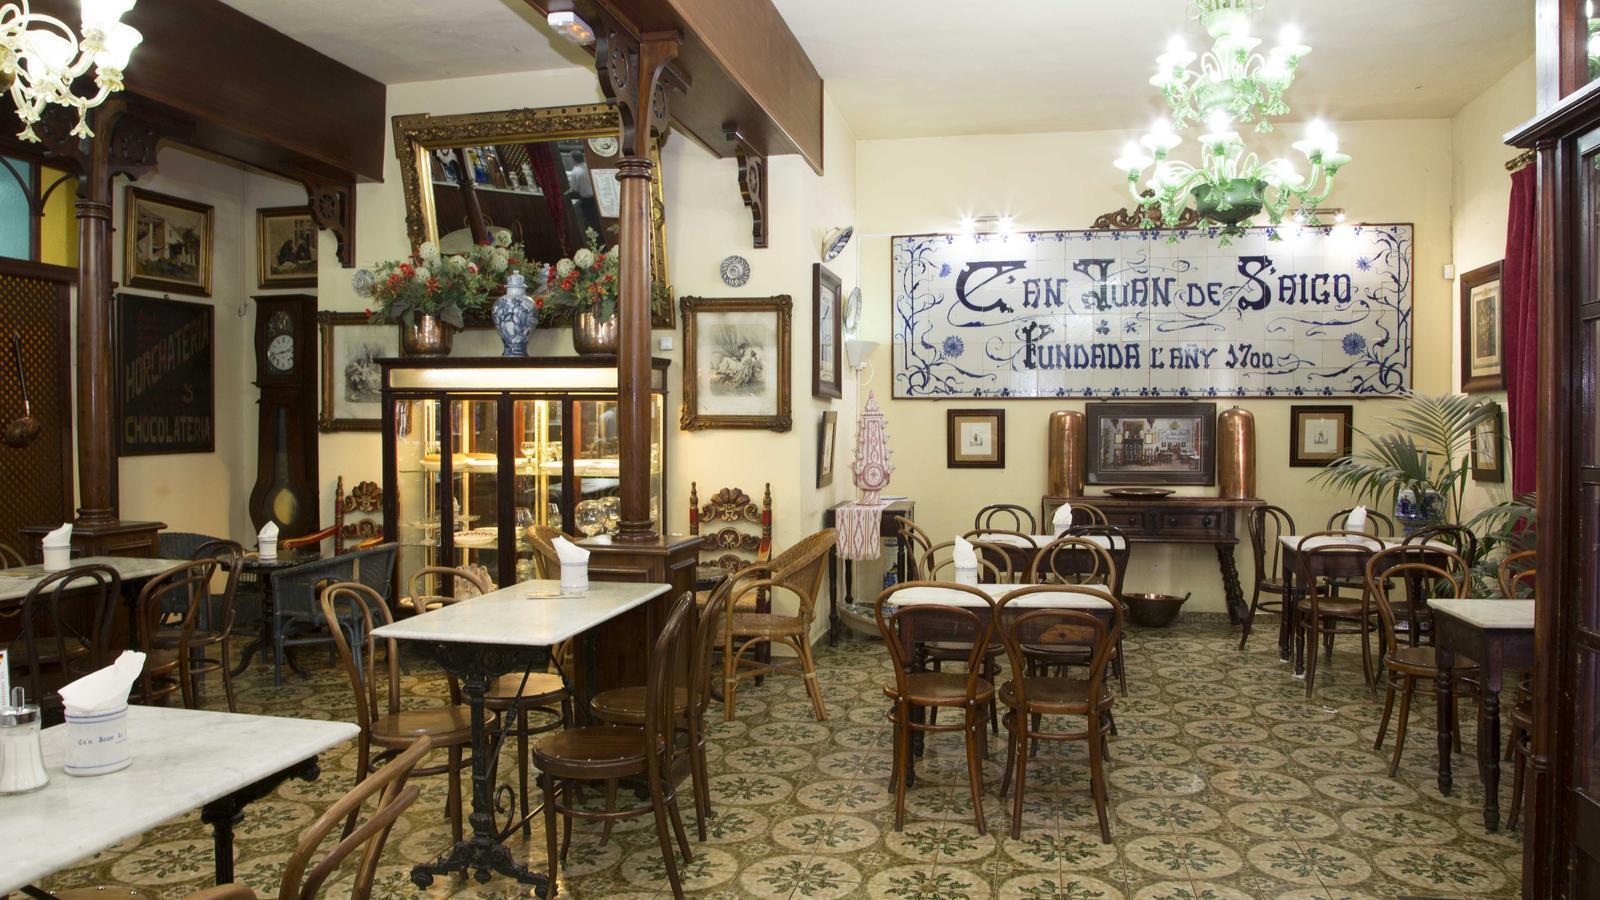 Imatge de l'interior d'uns dels locals de Ca'n Joan de S'Aigo.